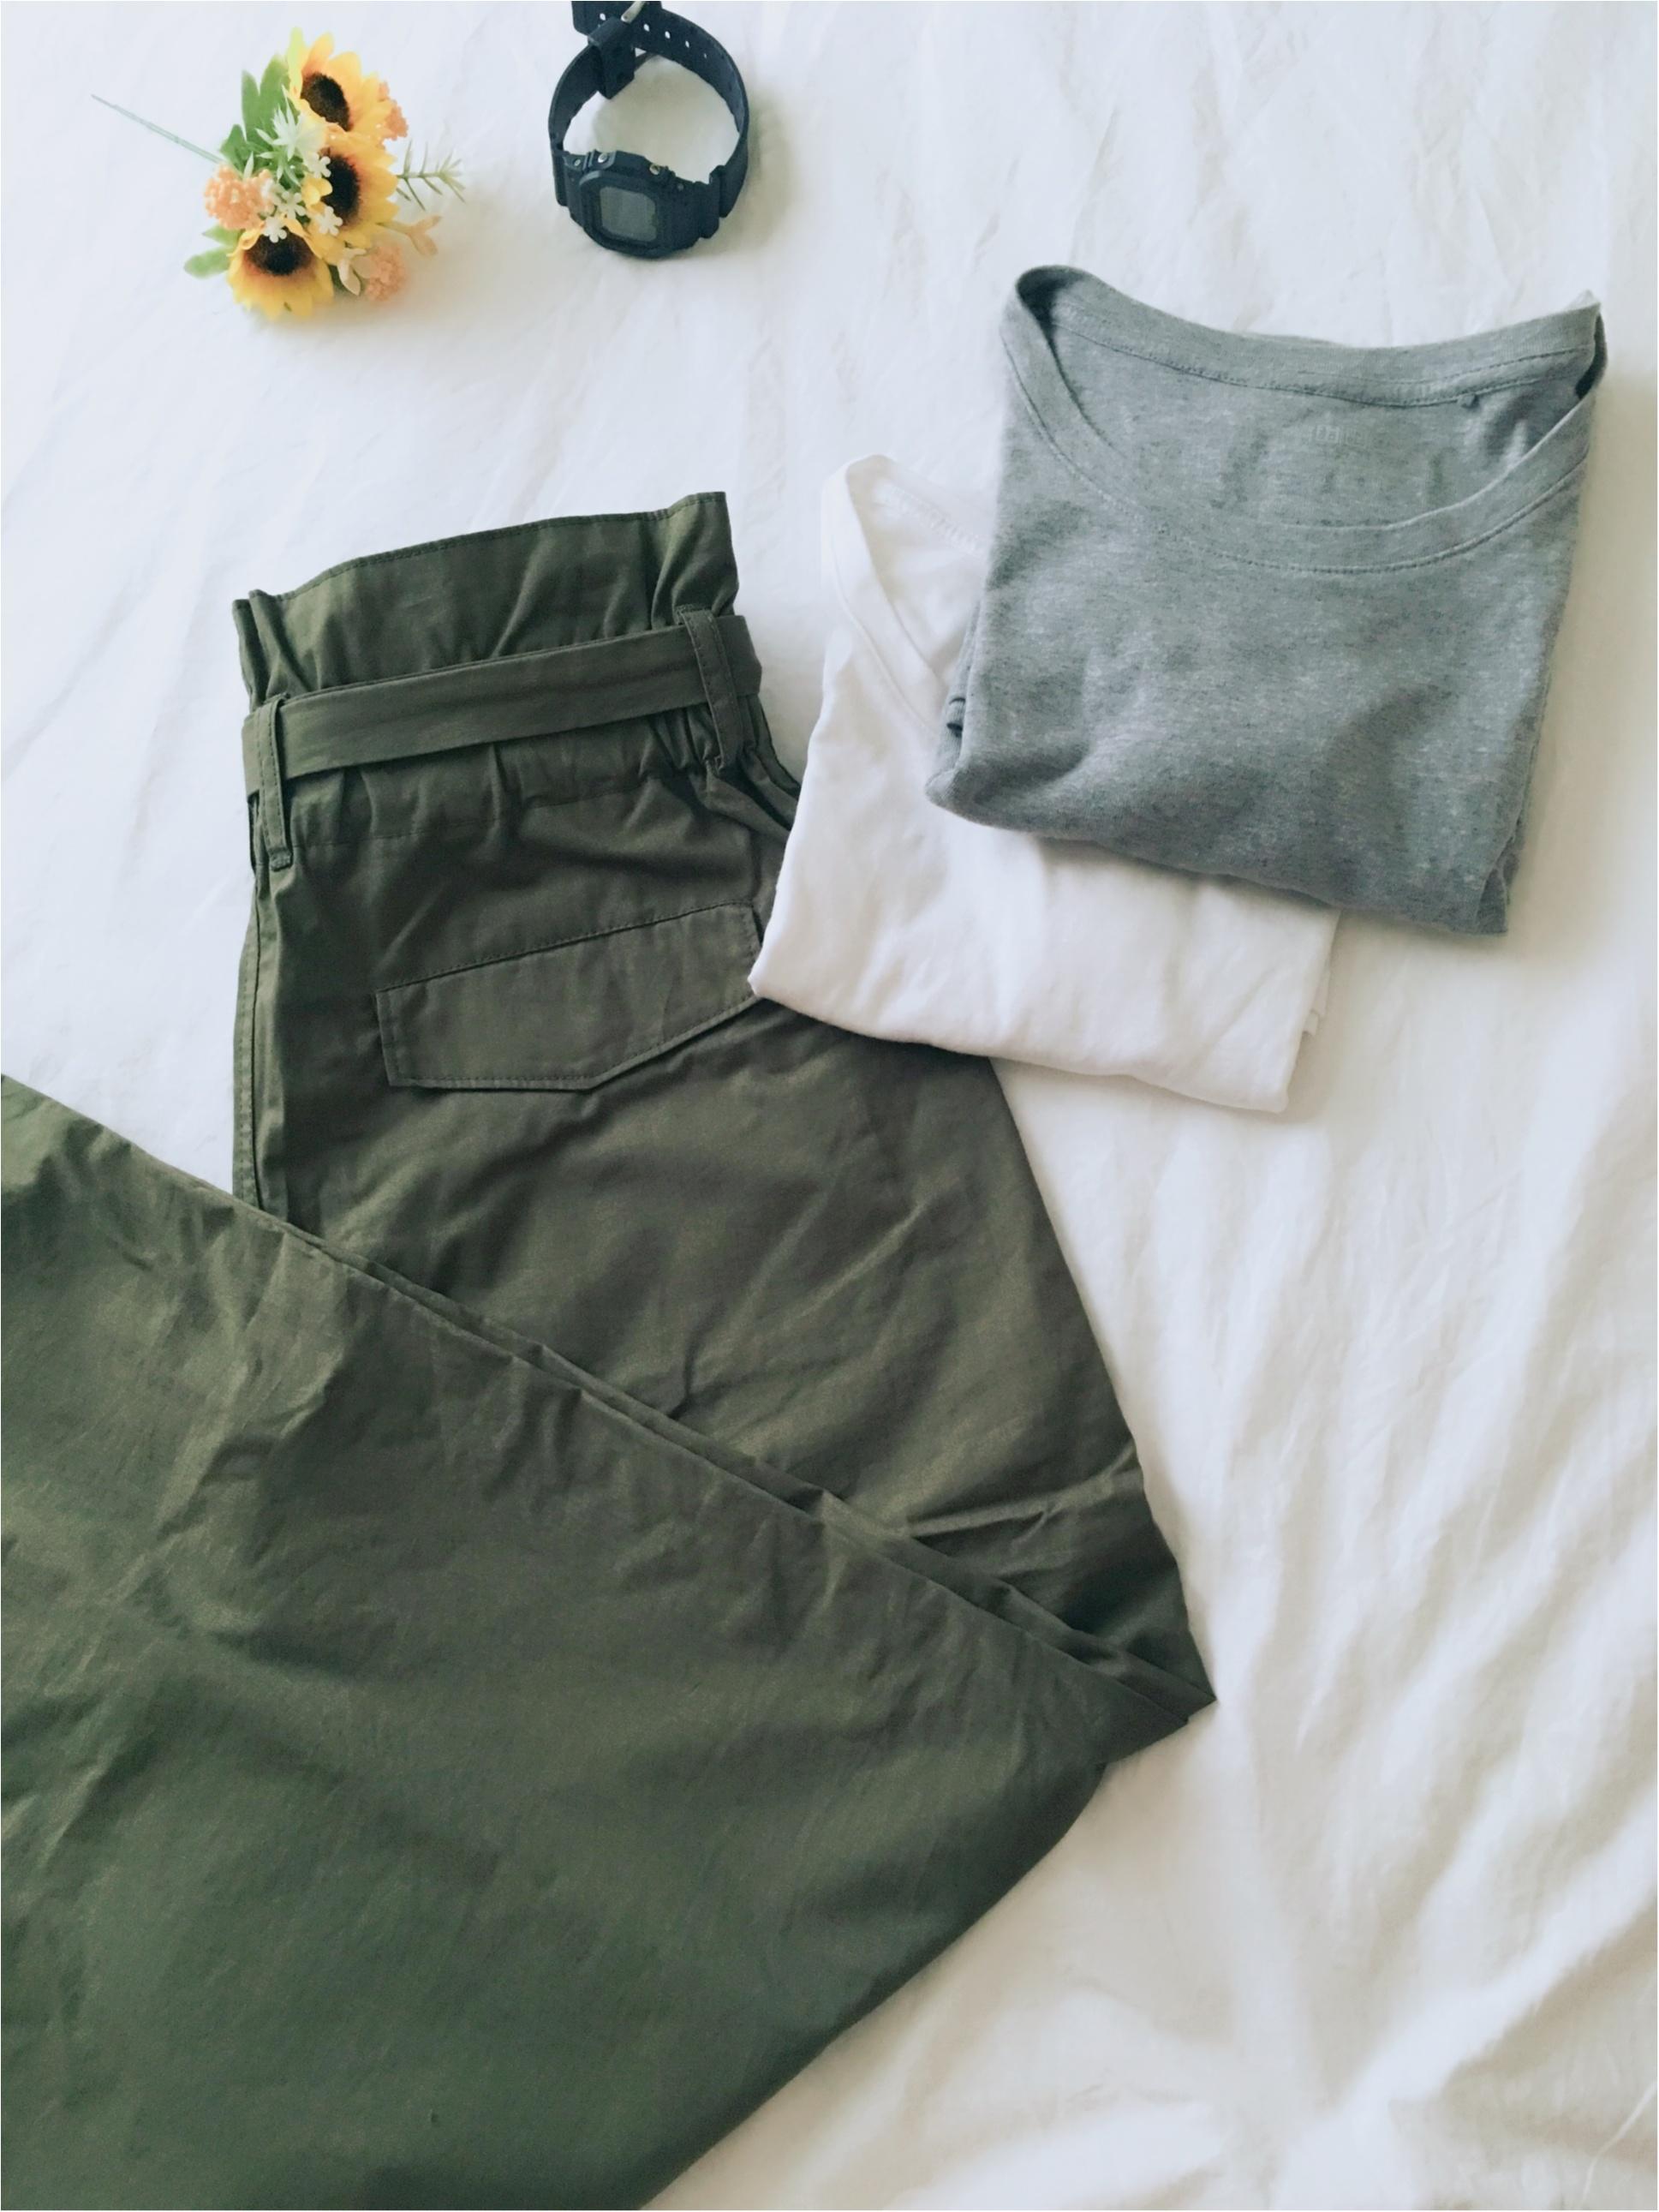 【UNIQLO】クルーネックTシャツと【カーキ】パンツで夏らしく♡_1